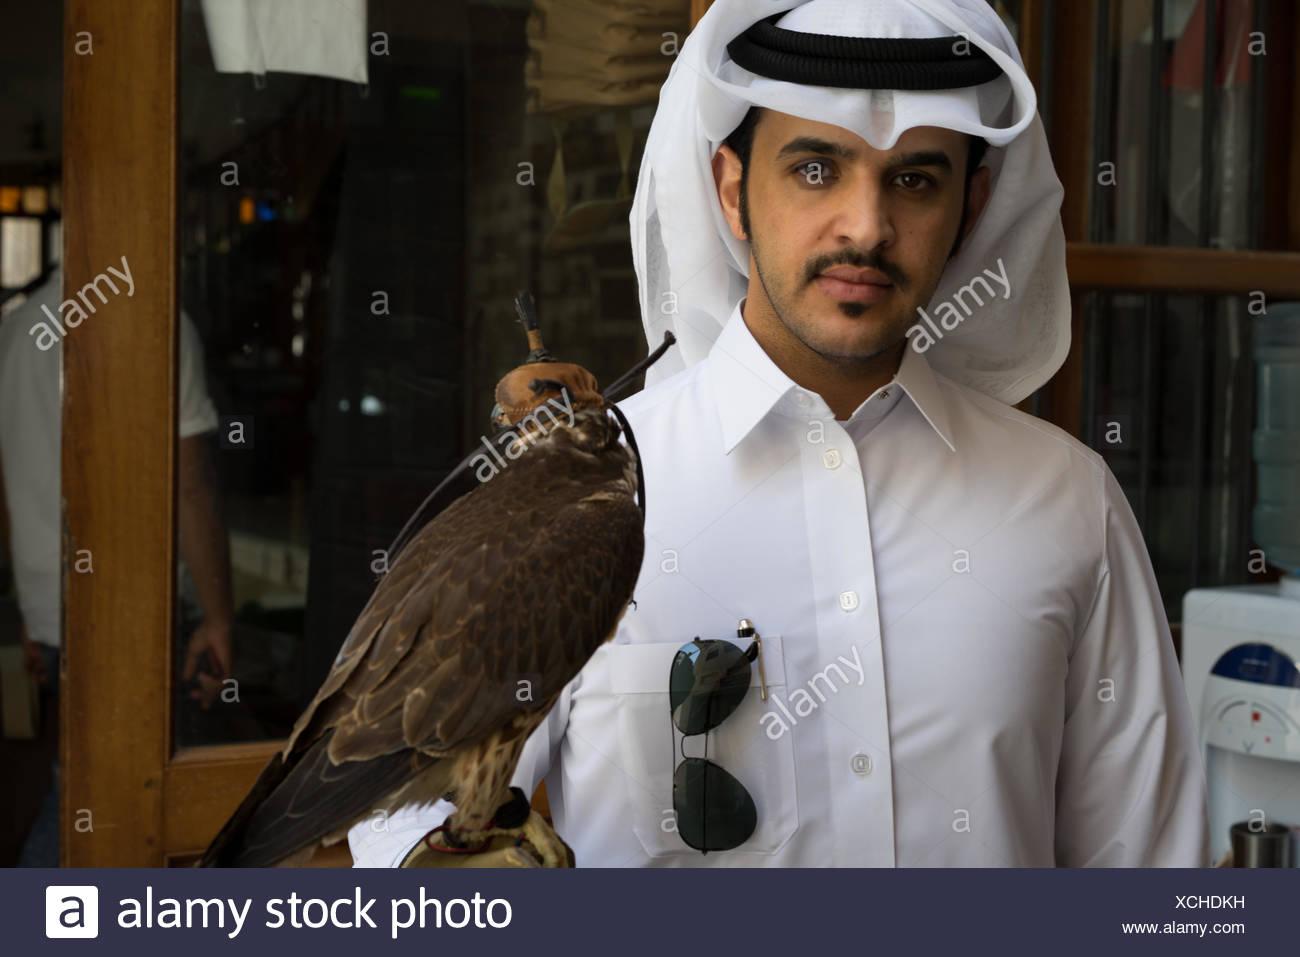 Falconer avec son falcon, Falcon Souq, Souq Waqif, Doha. Banque D'Images